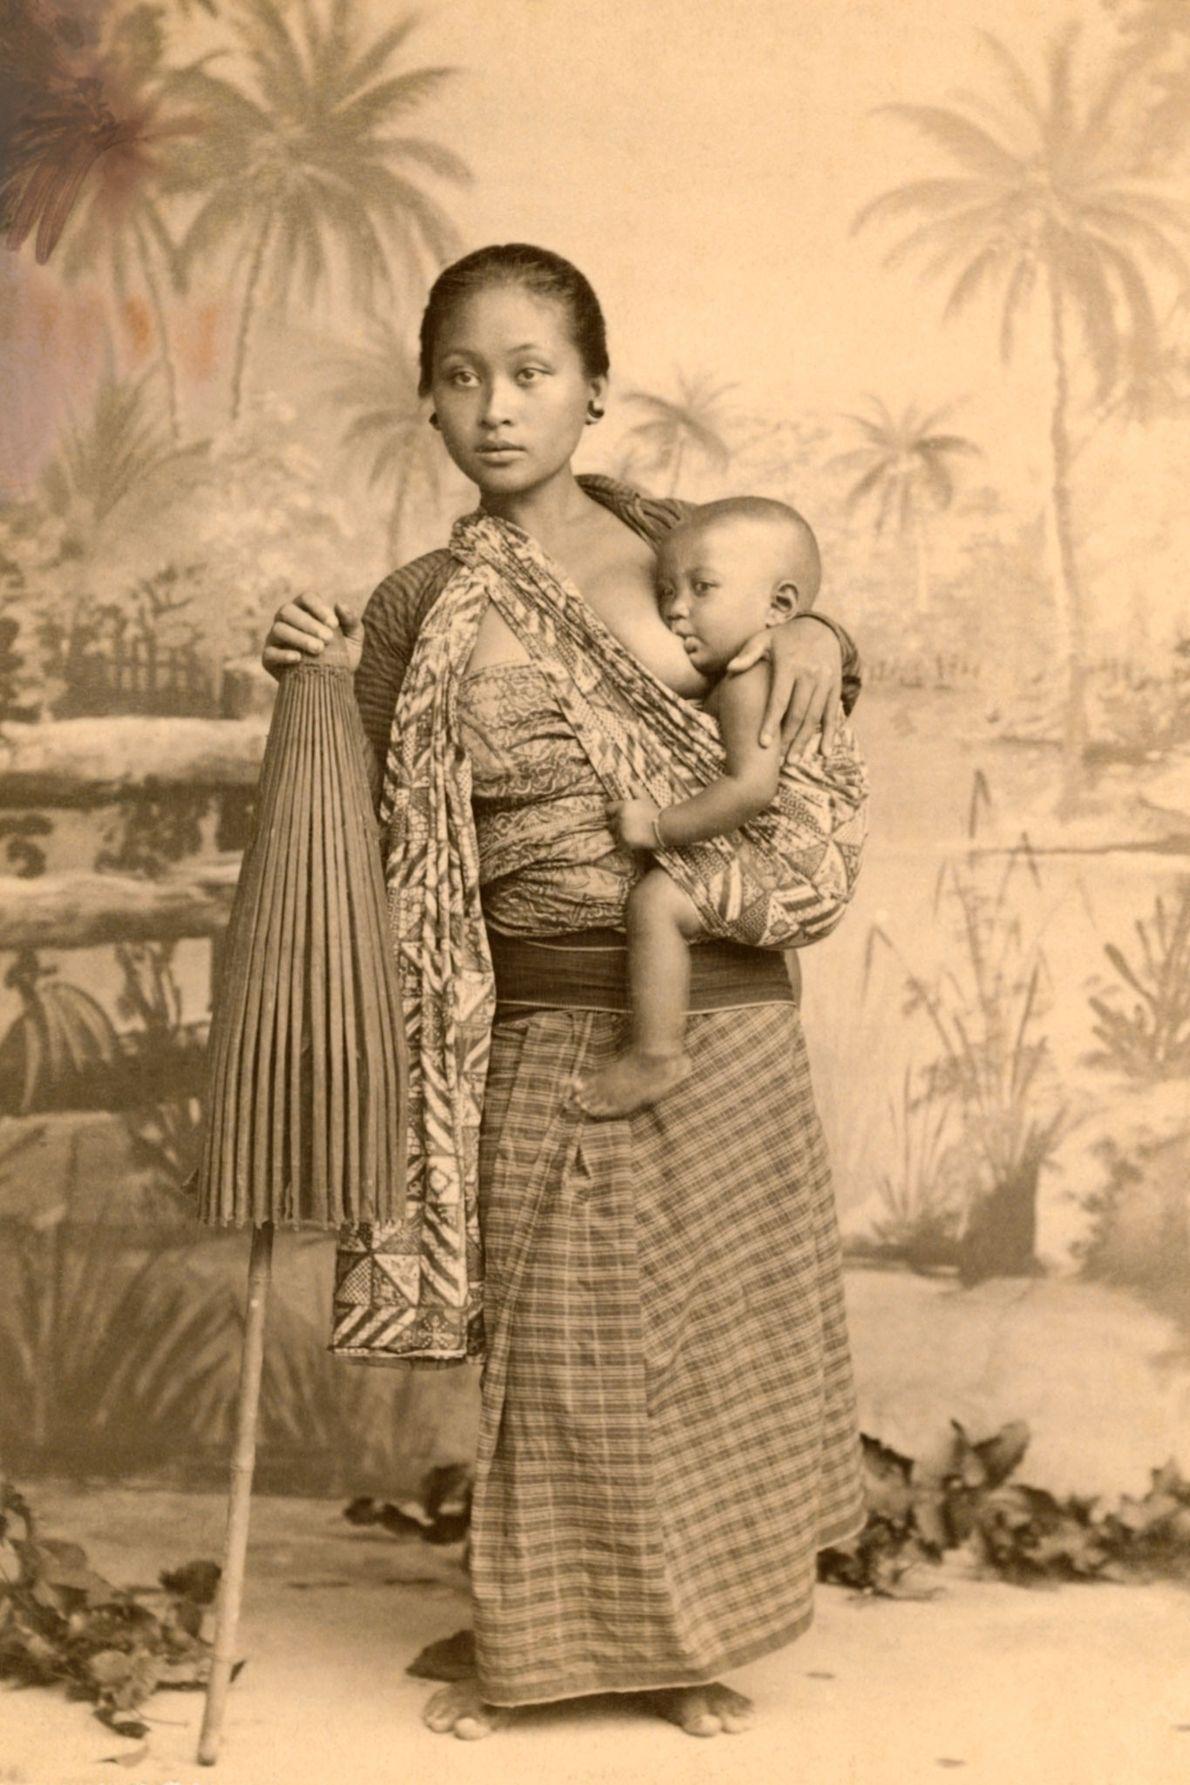 Une mère javanaise nourrit son enfant sur l'île de Java en Indonésie.